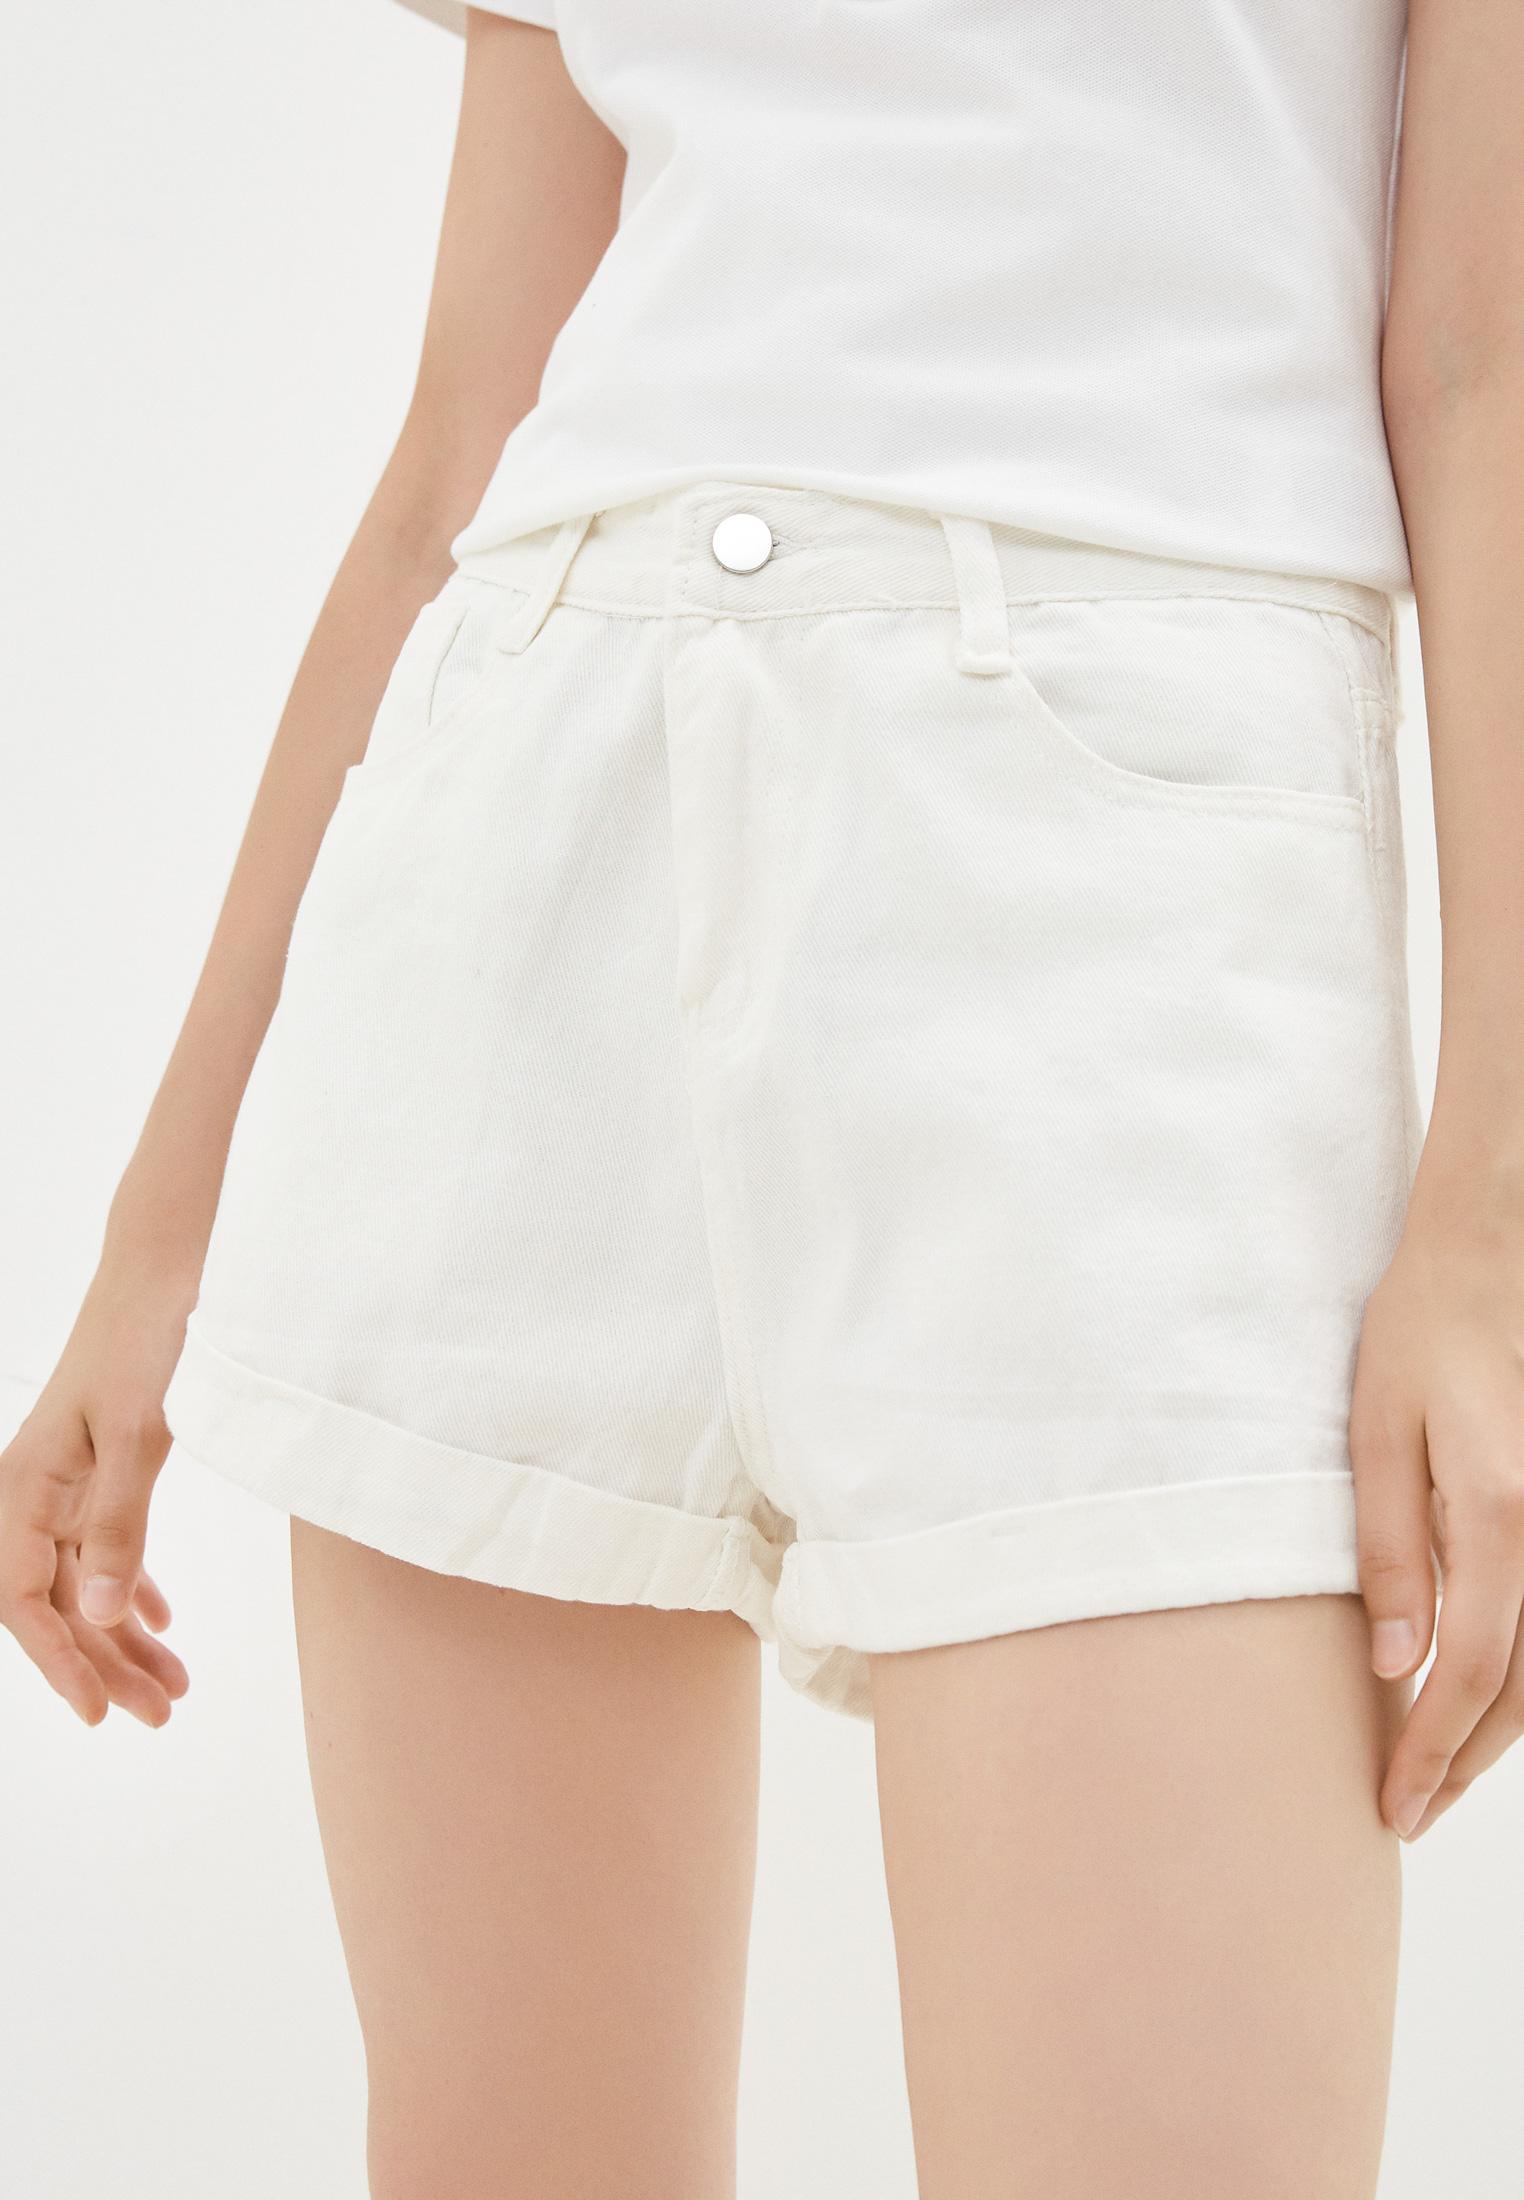 Женские джинсовые шорты Toku Tino Шорты джинсовые Toku Tino